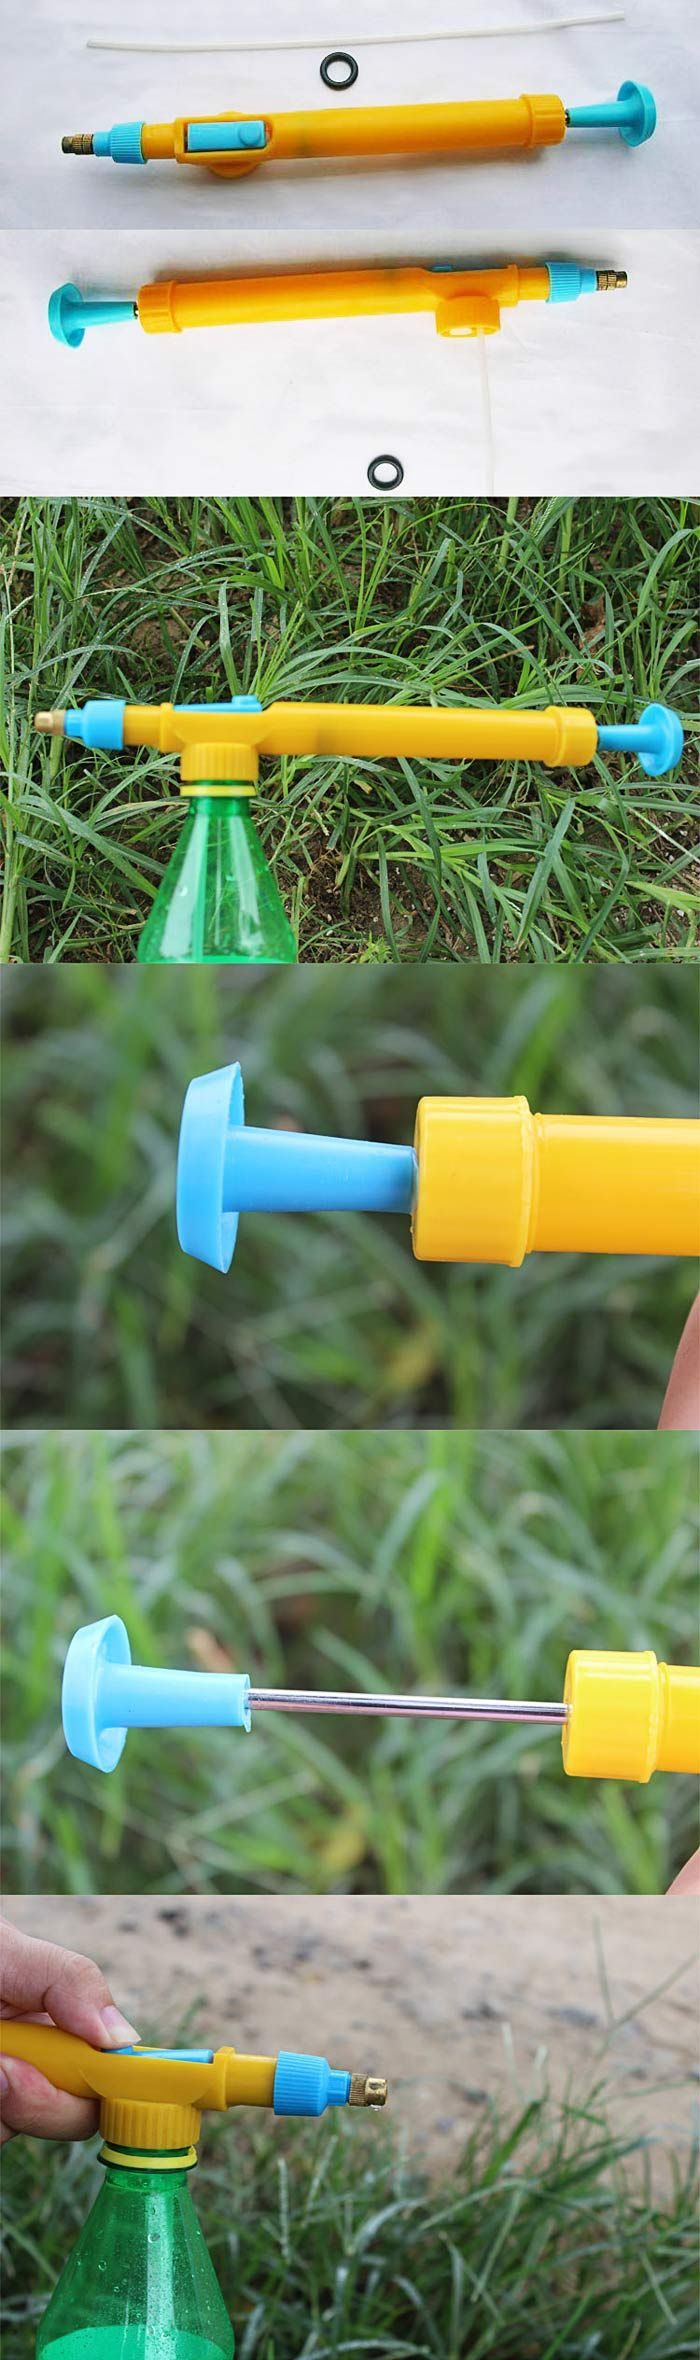 Plastic Pressure Type Water Spraying Sprayer Head Beverage Bottle Nozzle Garden Accessory